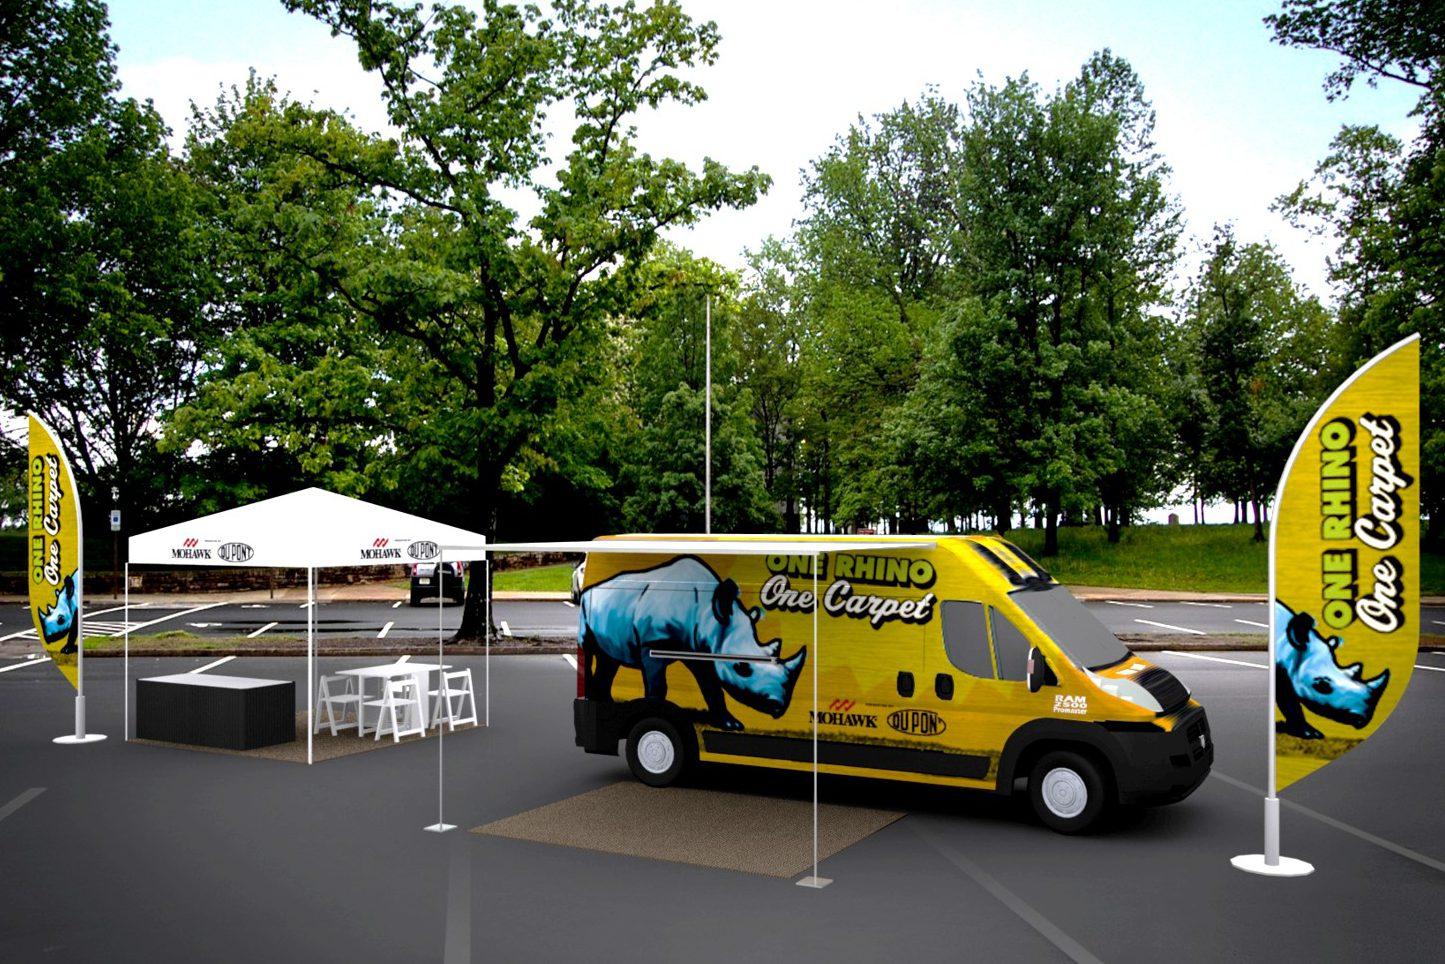 Mohawk Rhino Van